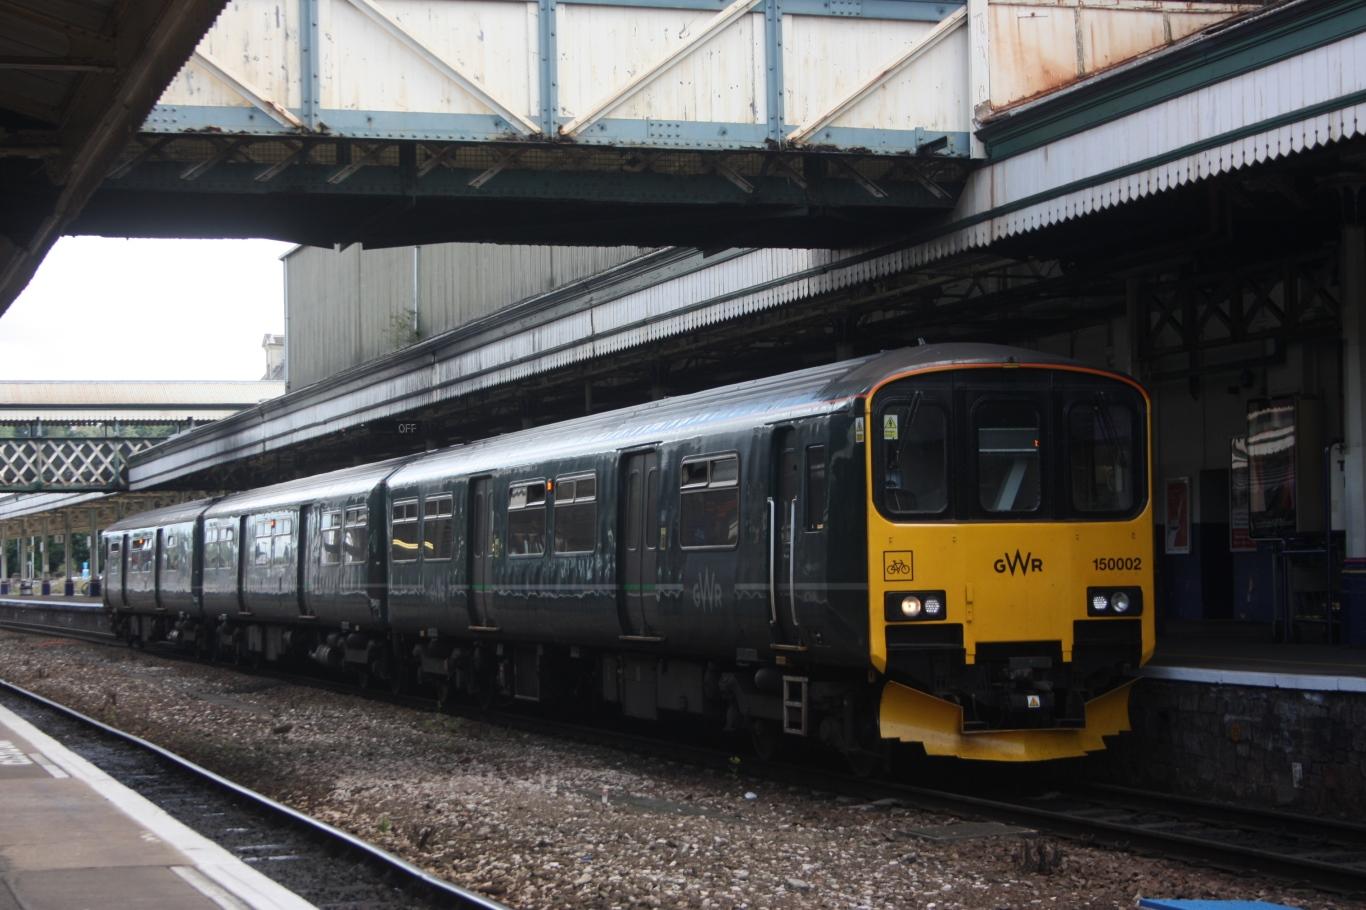 File Exeter St Davids Gwr 150002 Avocet Line Service Jpg